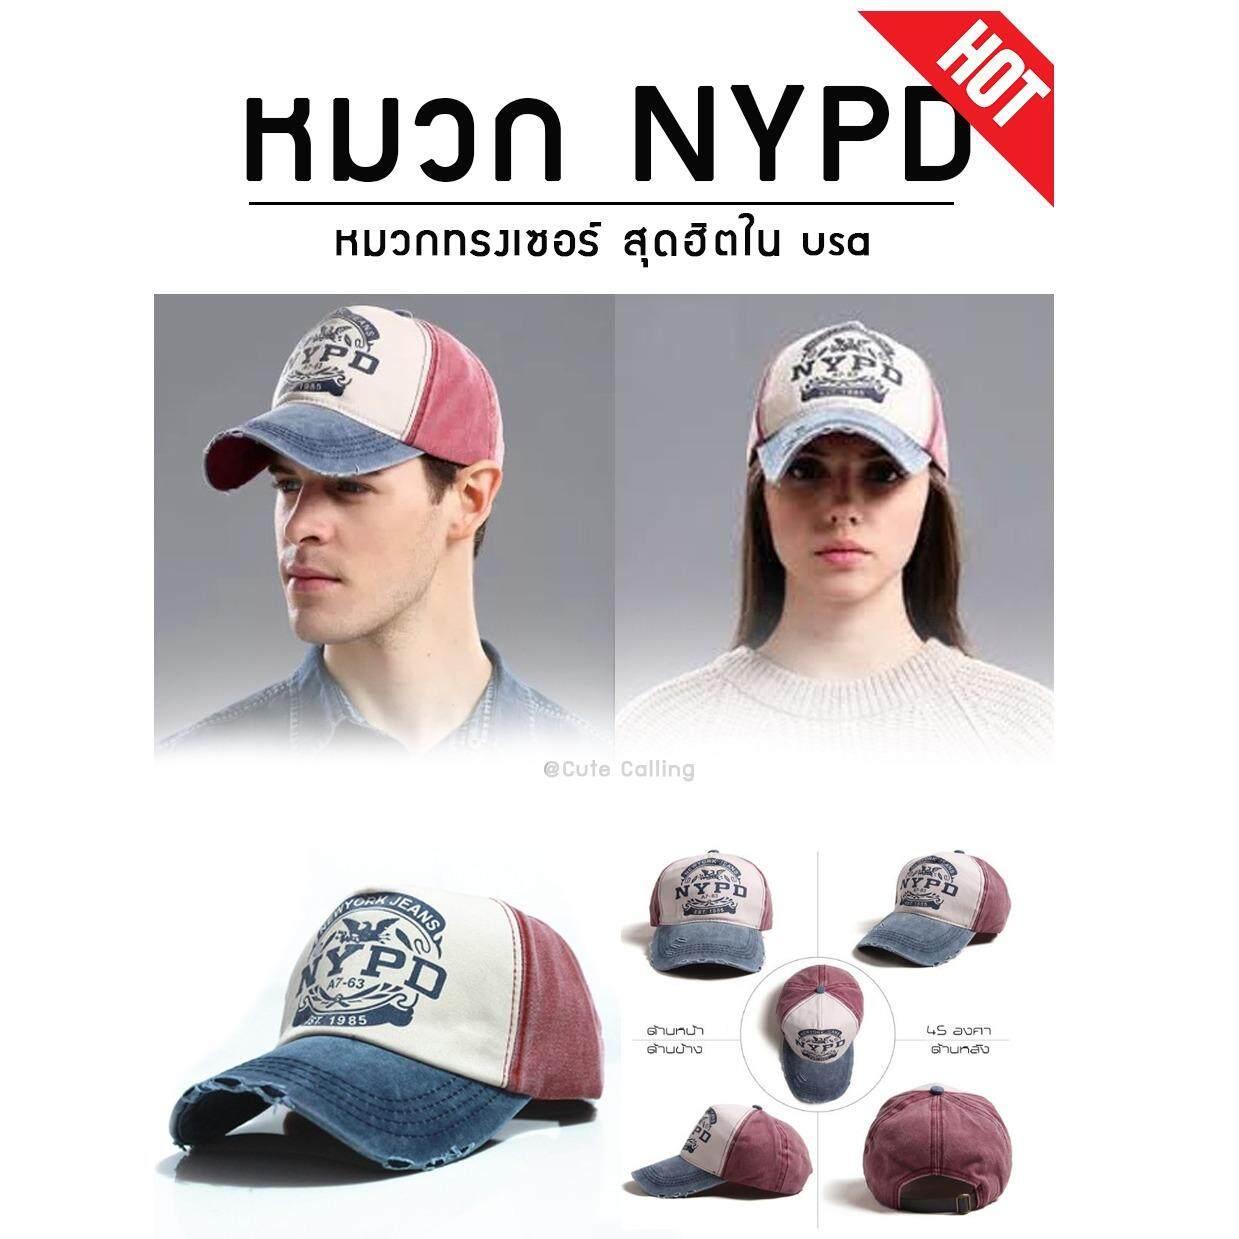 หมวก หมวกแก๊ป Nypd หมวกแก็ปทรงเซอร์ รุ่นสุดฮิตในอเมริกา ทรงเบสบอล ทรงเท่ห์ เป็นต้นฉบับ